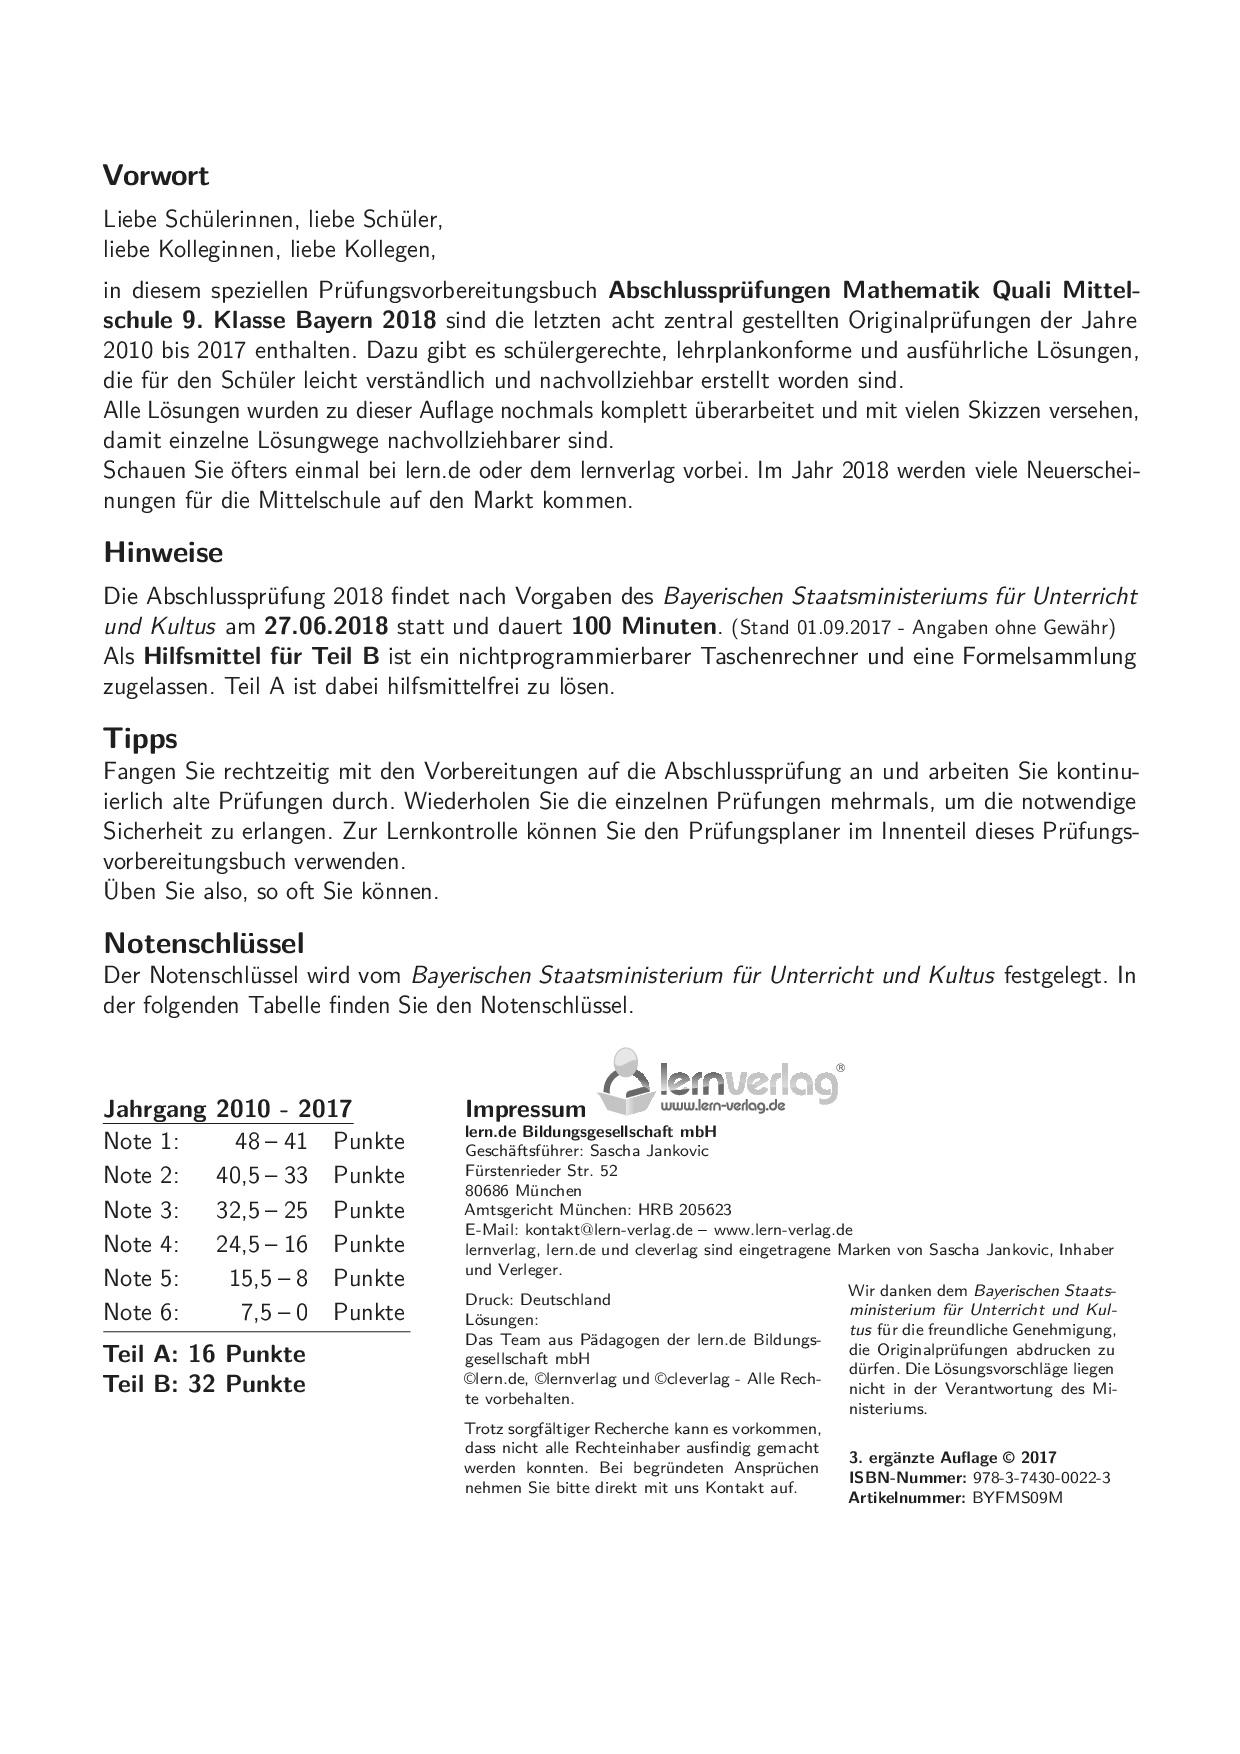 Amazing Mittelschule Bearbeiten Einer Tabelle Frieze - Mathe ...